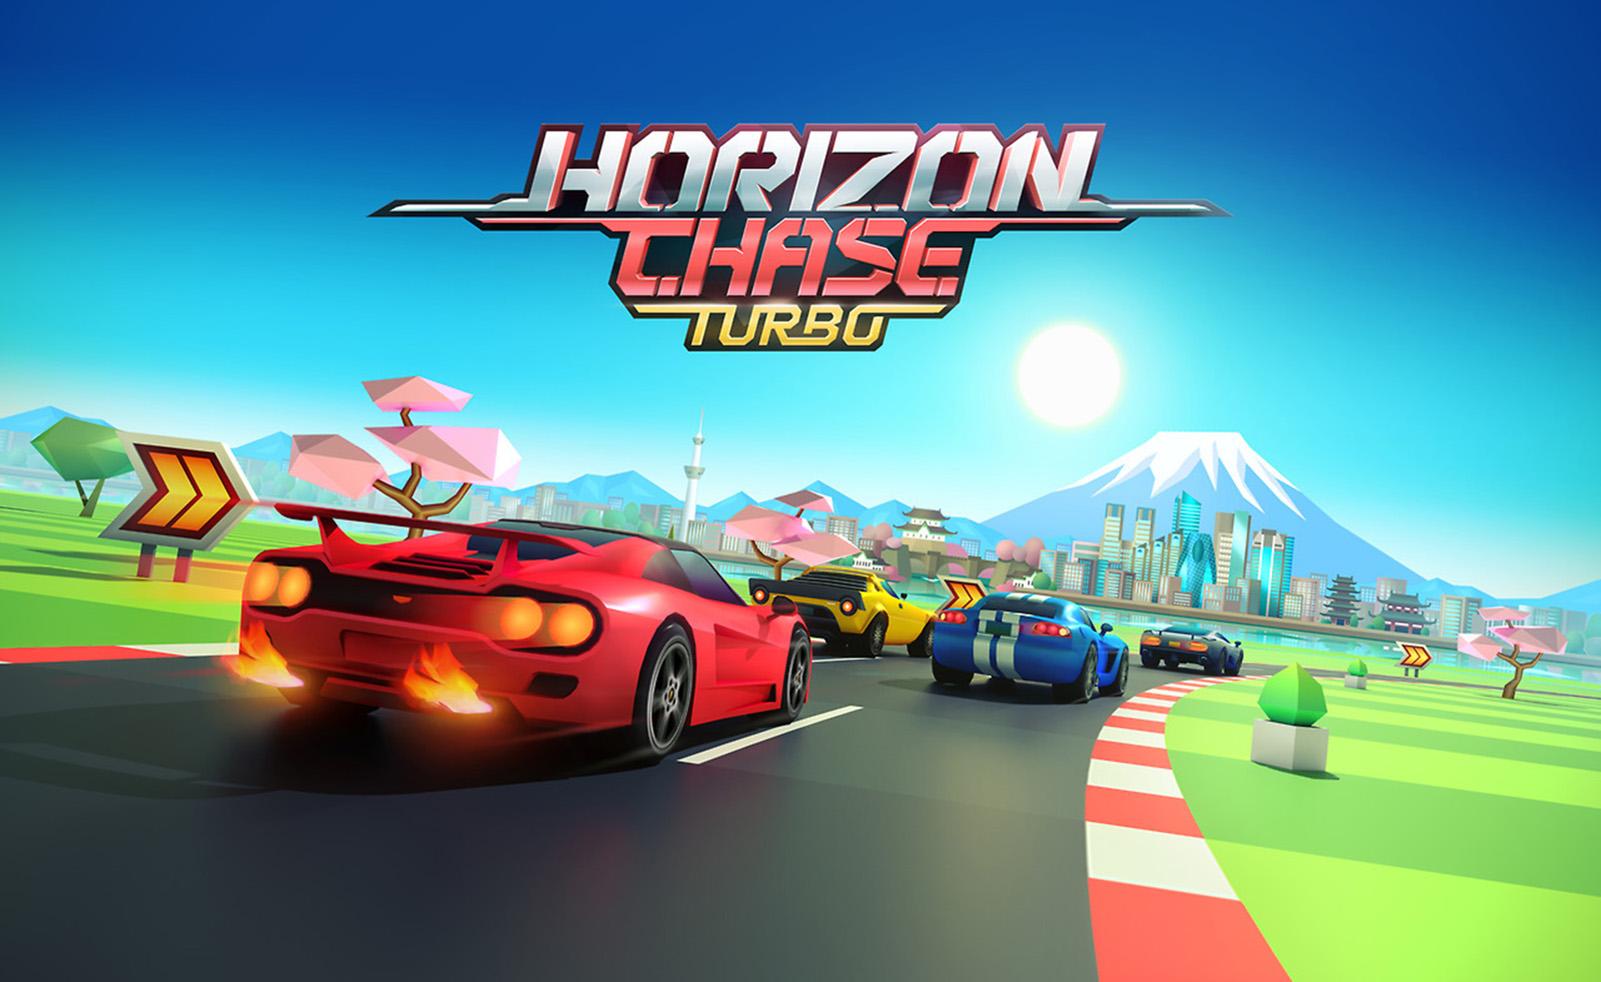 Análise | Horizon Chase Turbo é uma bela releitura dos games de corrida dos anos 90